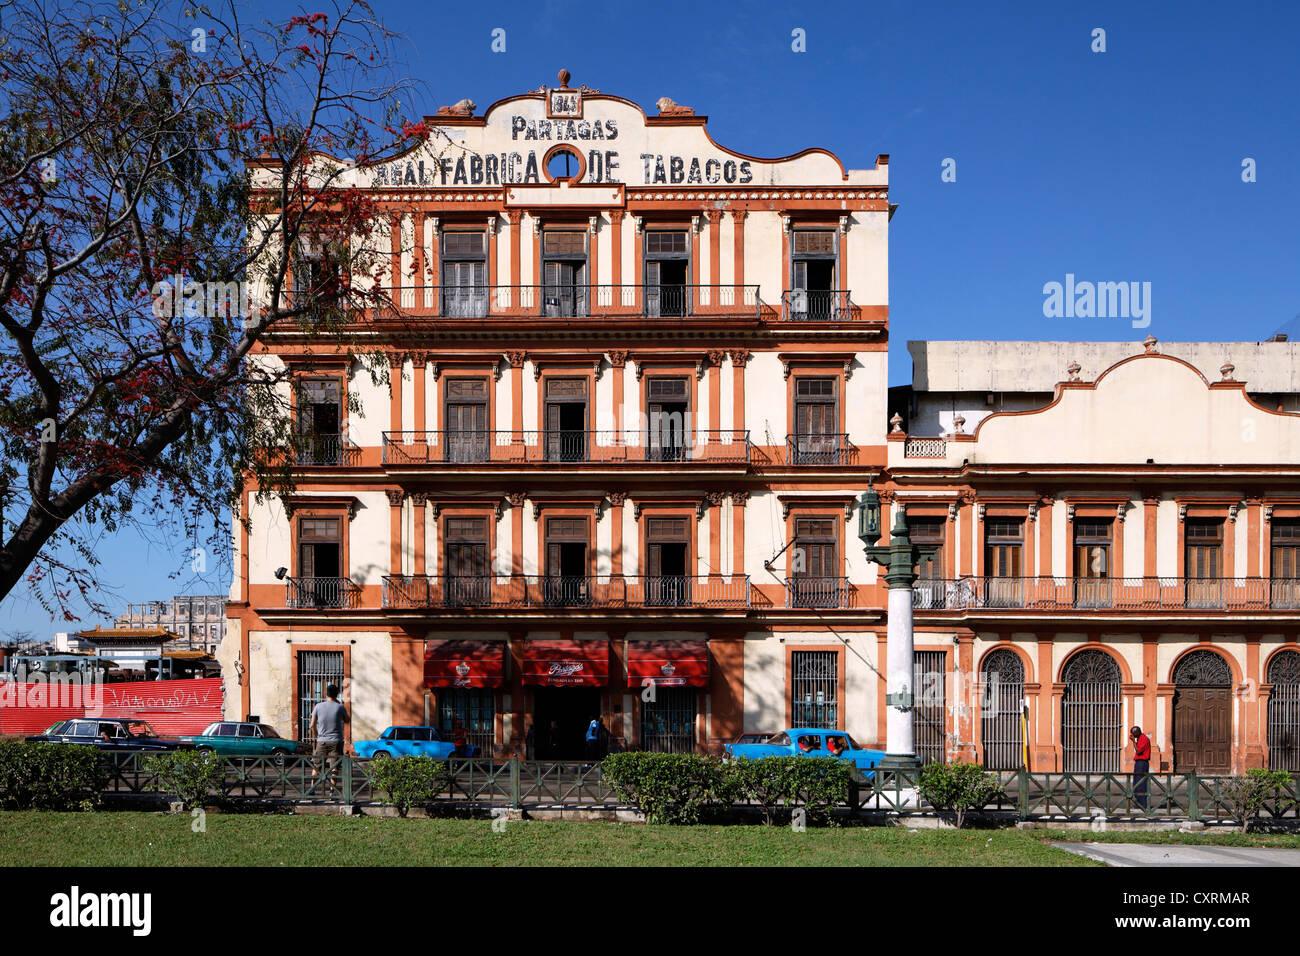 Más antigua y famosa fábrica de cigarros de La Habana, Real Fabrica de Tabacos Partagas, coches clásicos, Imagen De Stock